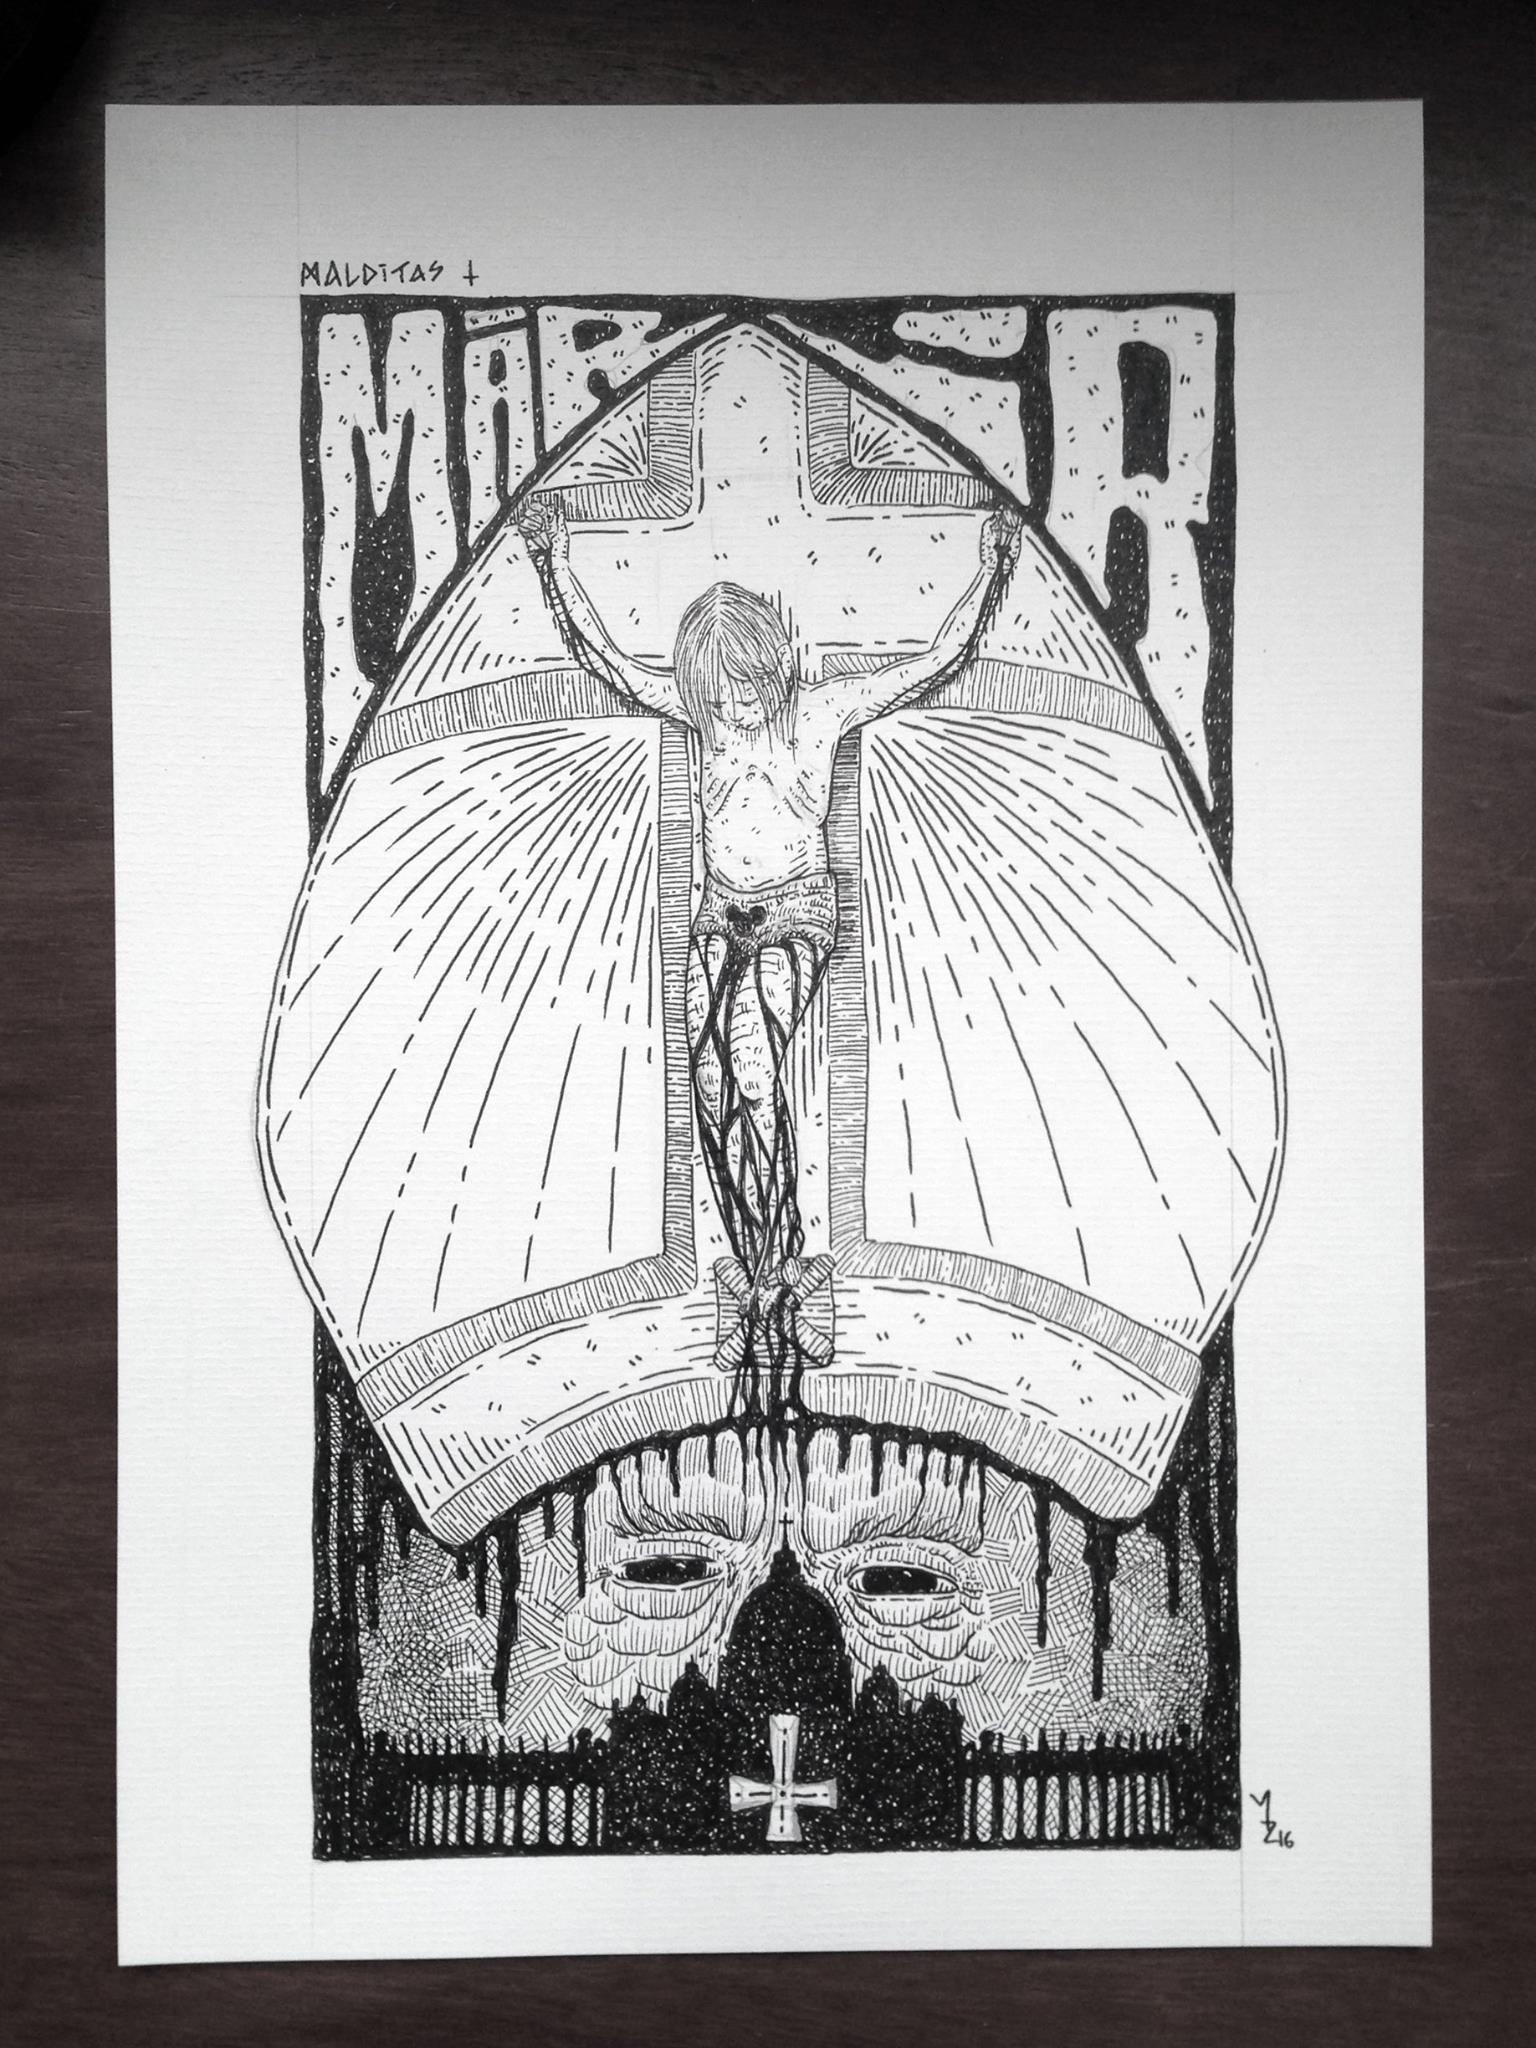 felipe-vaz-malditas-ilustração-dionisio-arte-07